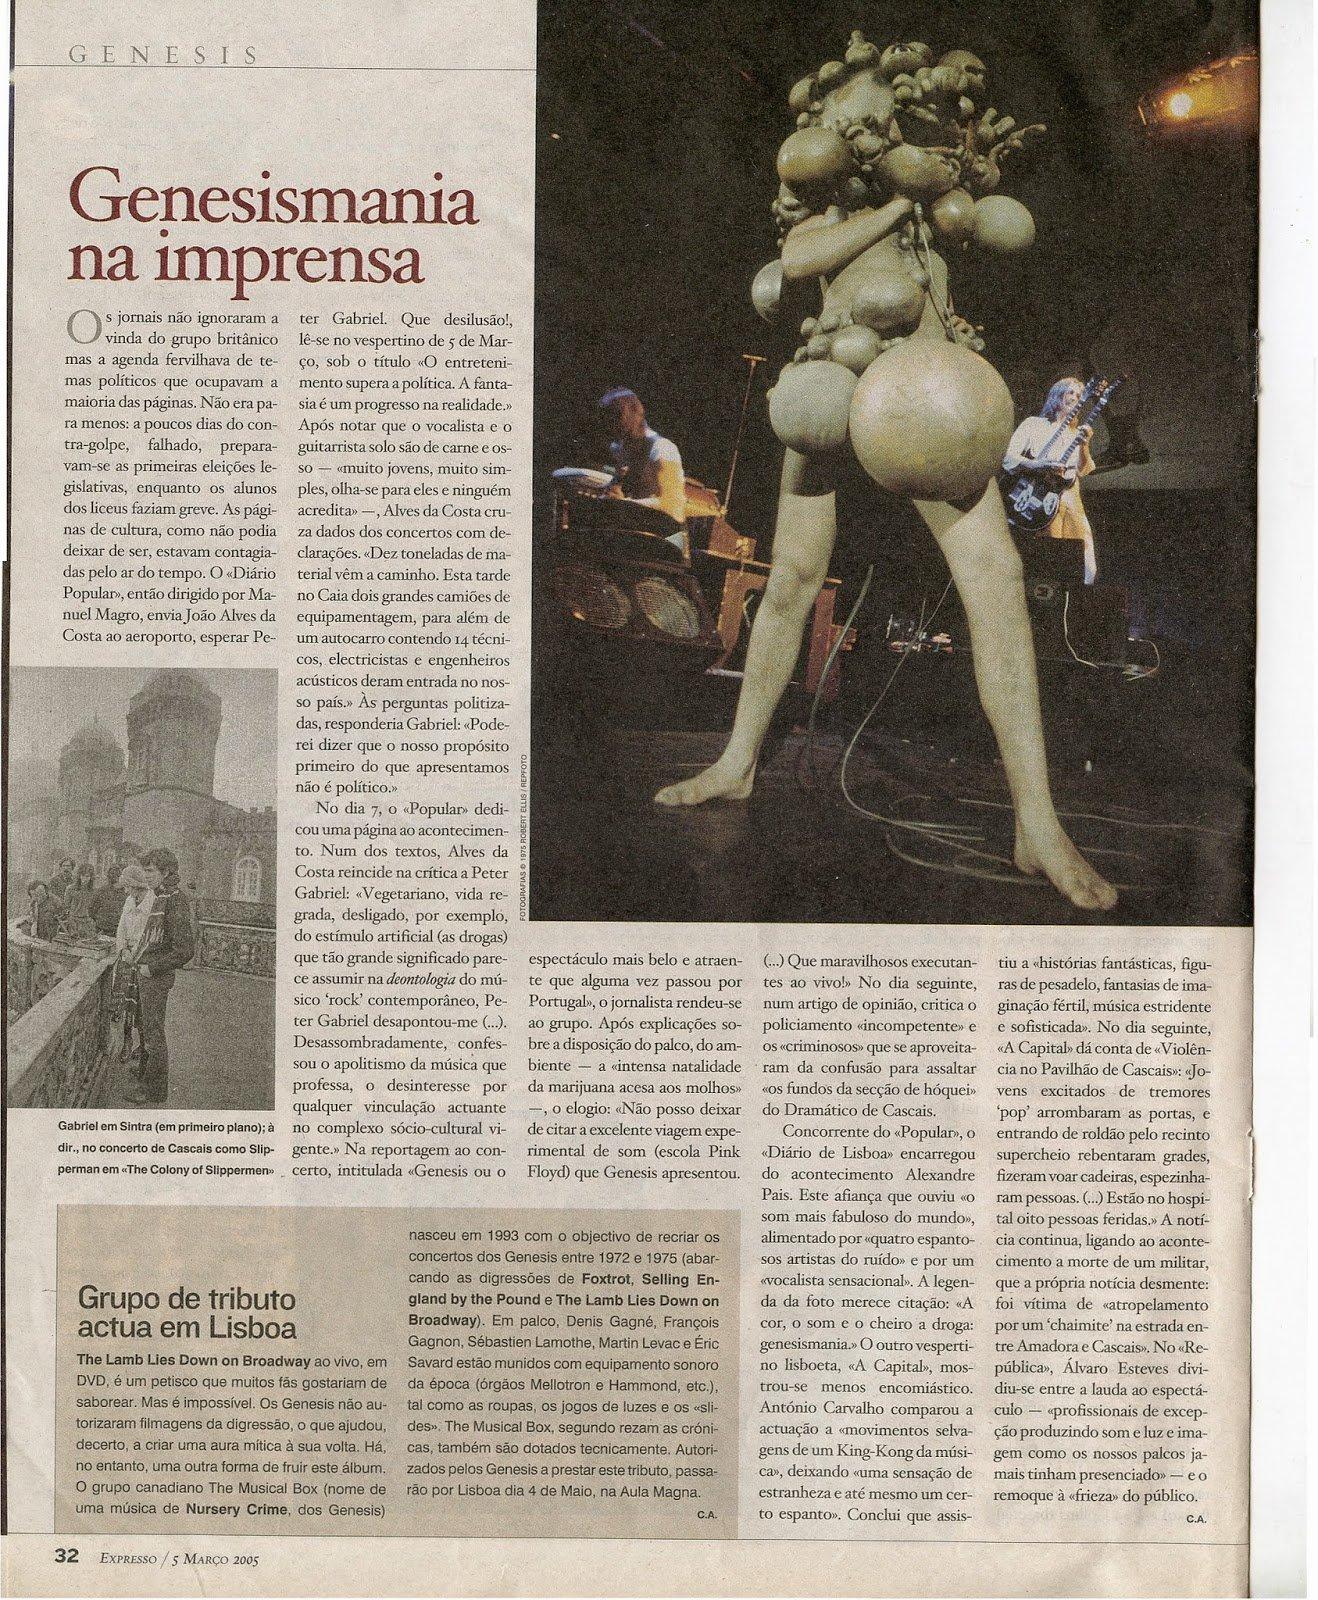 página 32 do jornal Expresso, 5 Março 2005